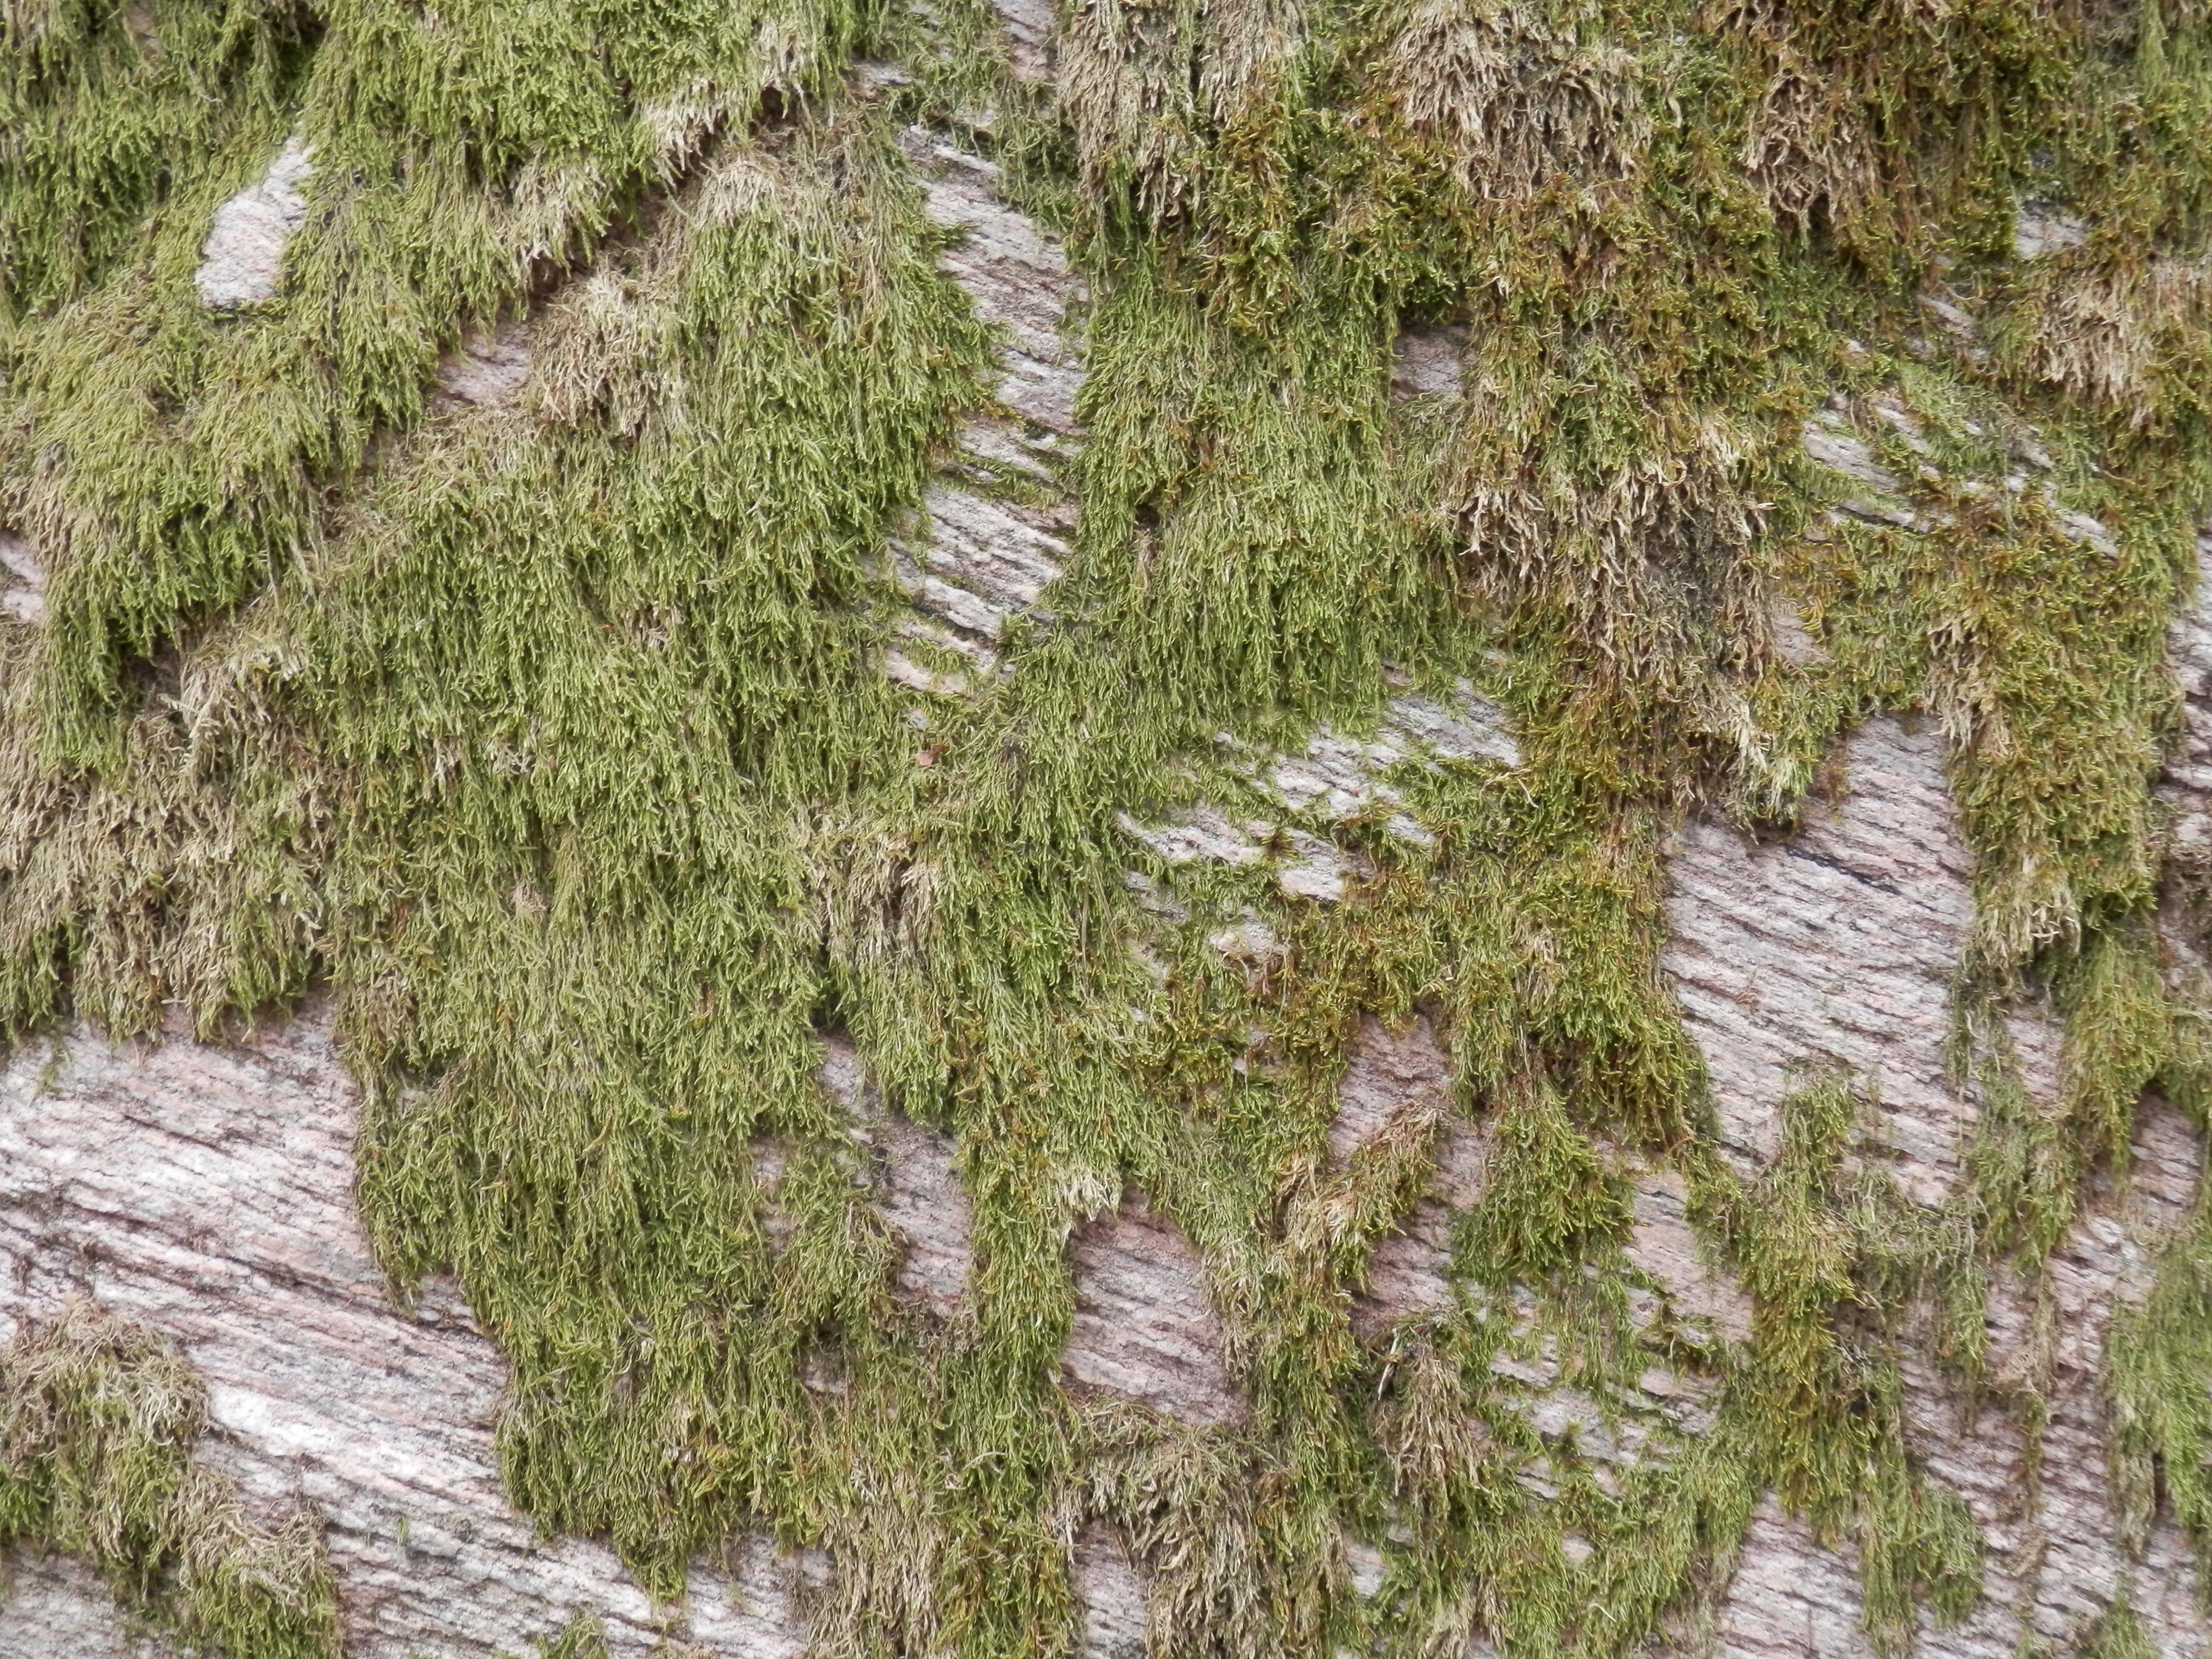 mousse et roche